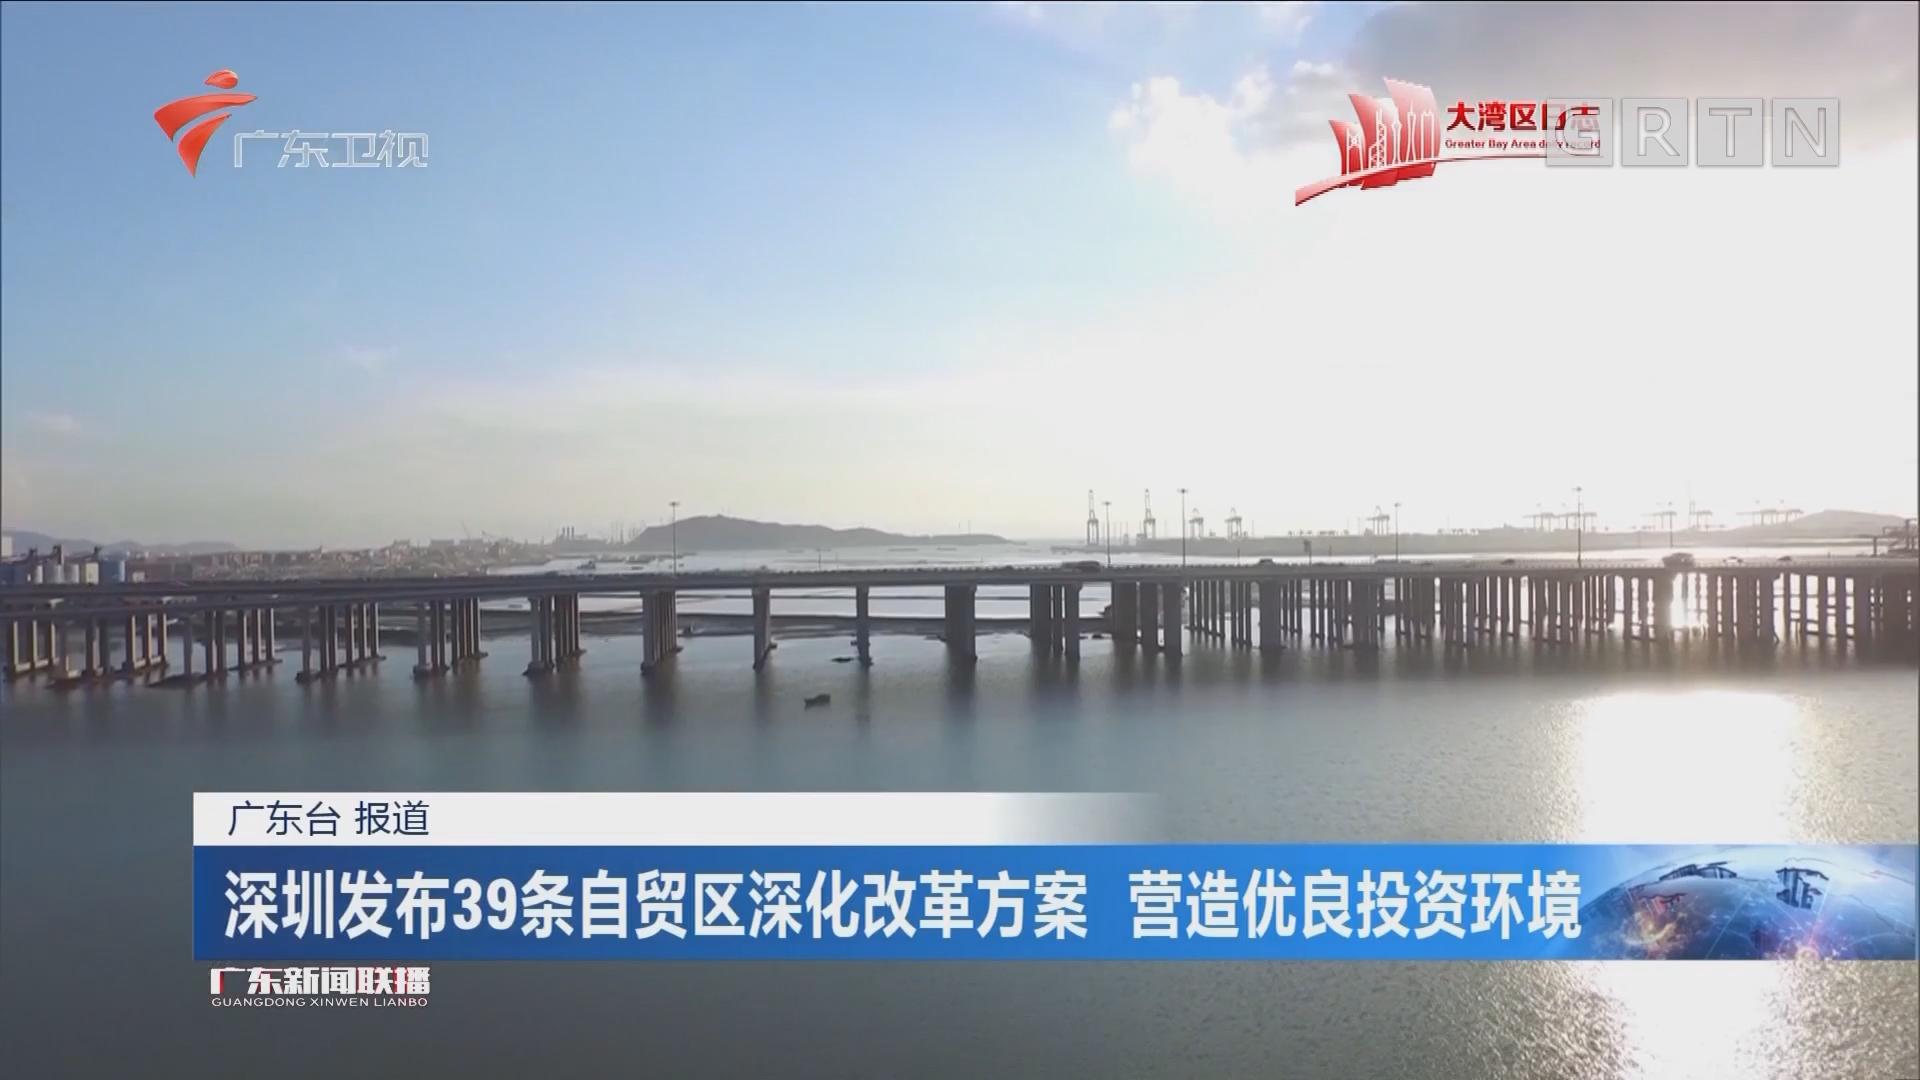 深圳发布39条自贸区深化改革方案 营造优良投资环境